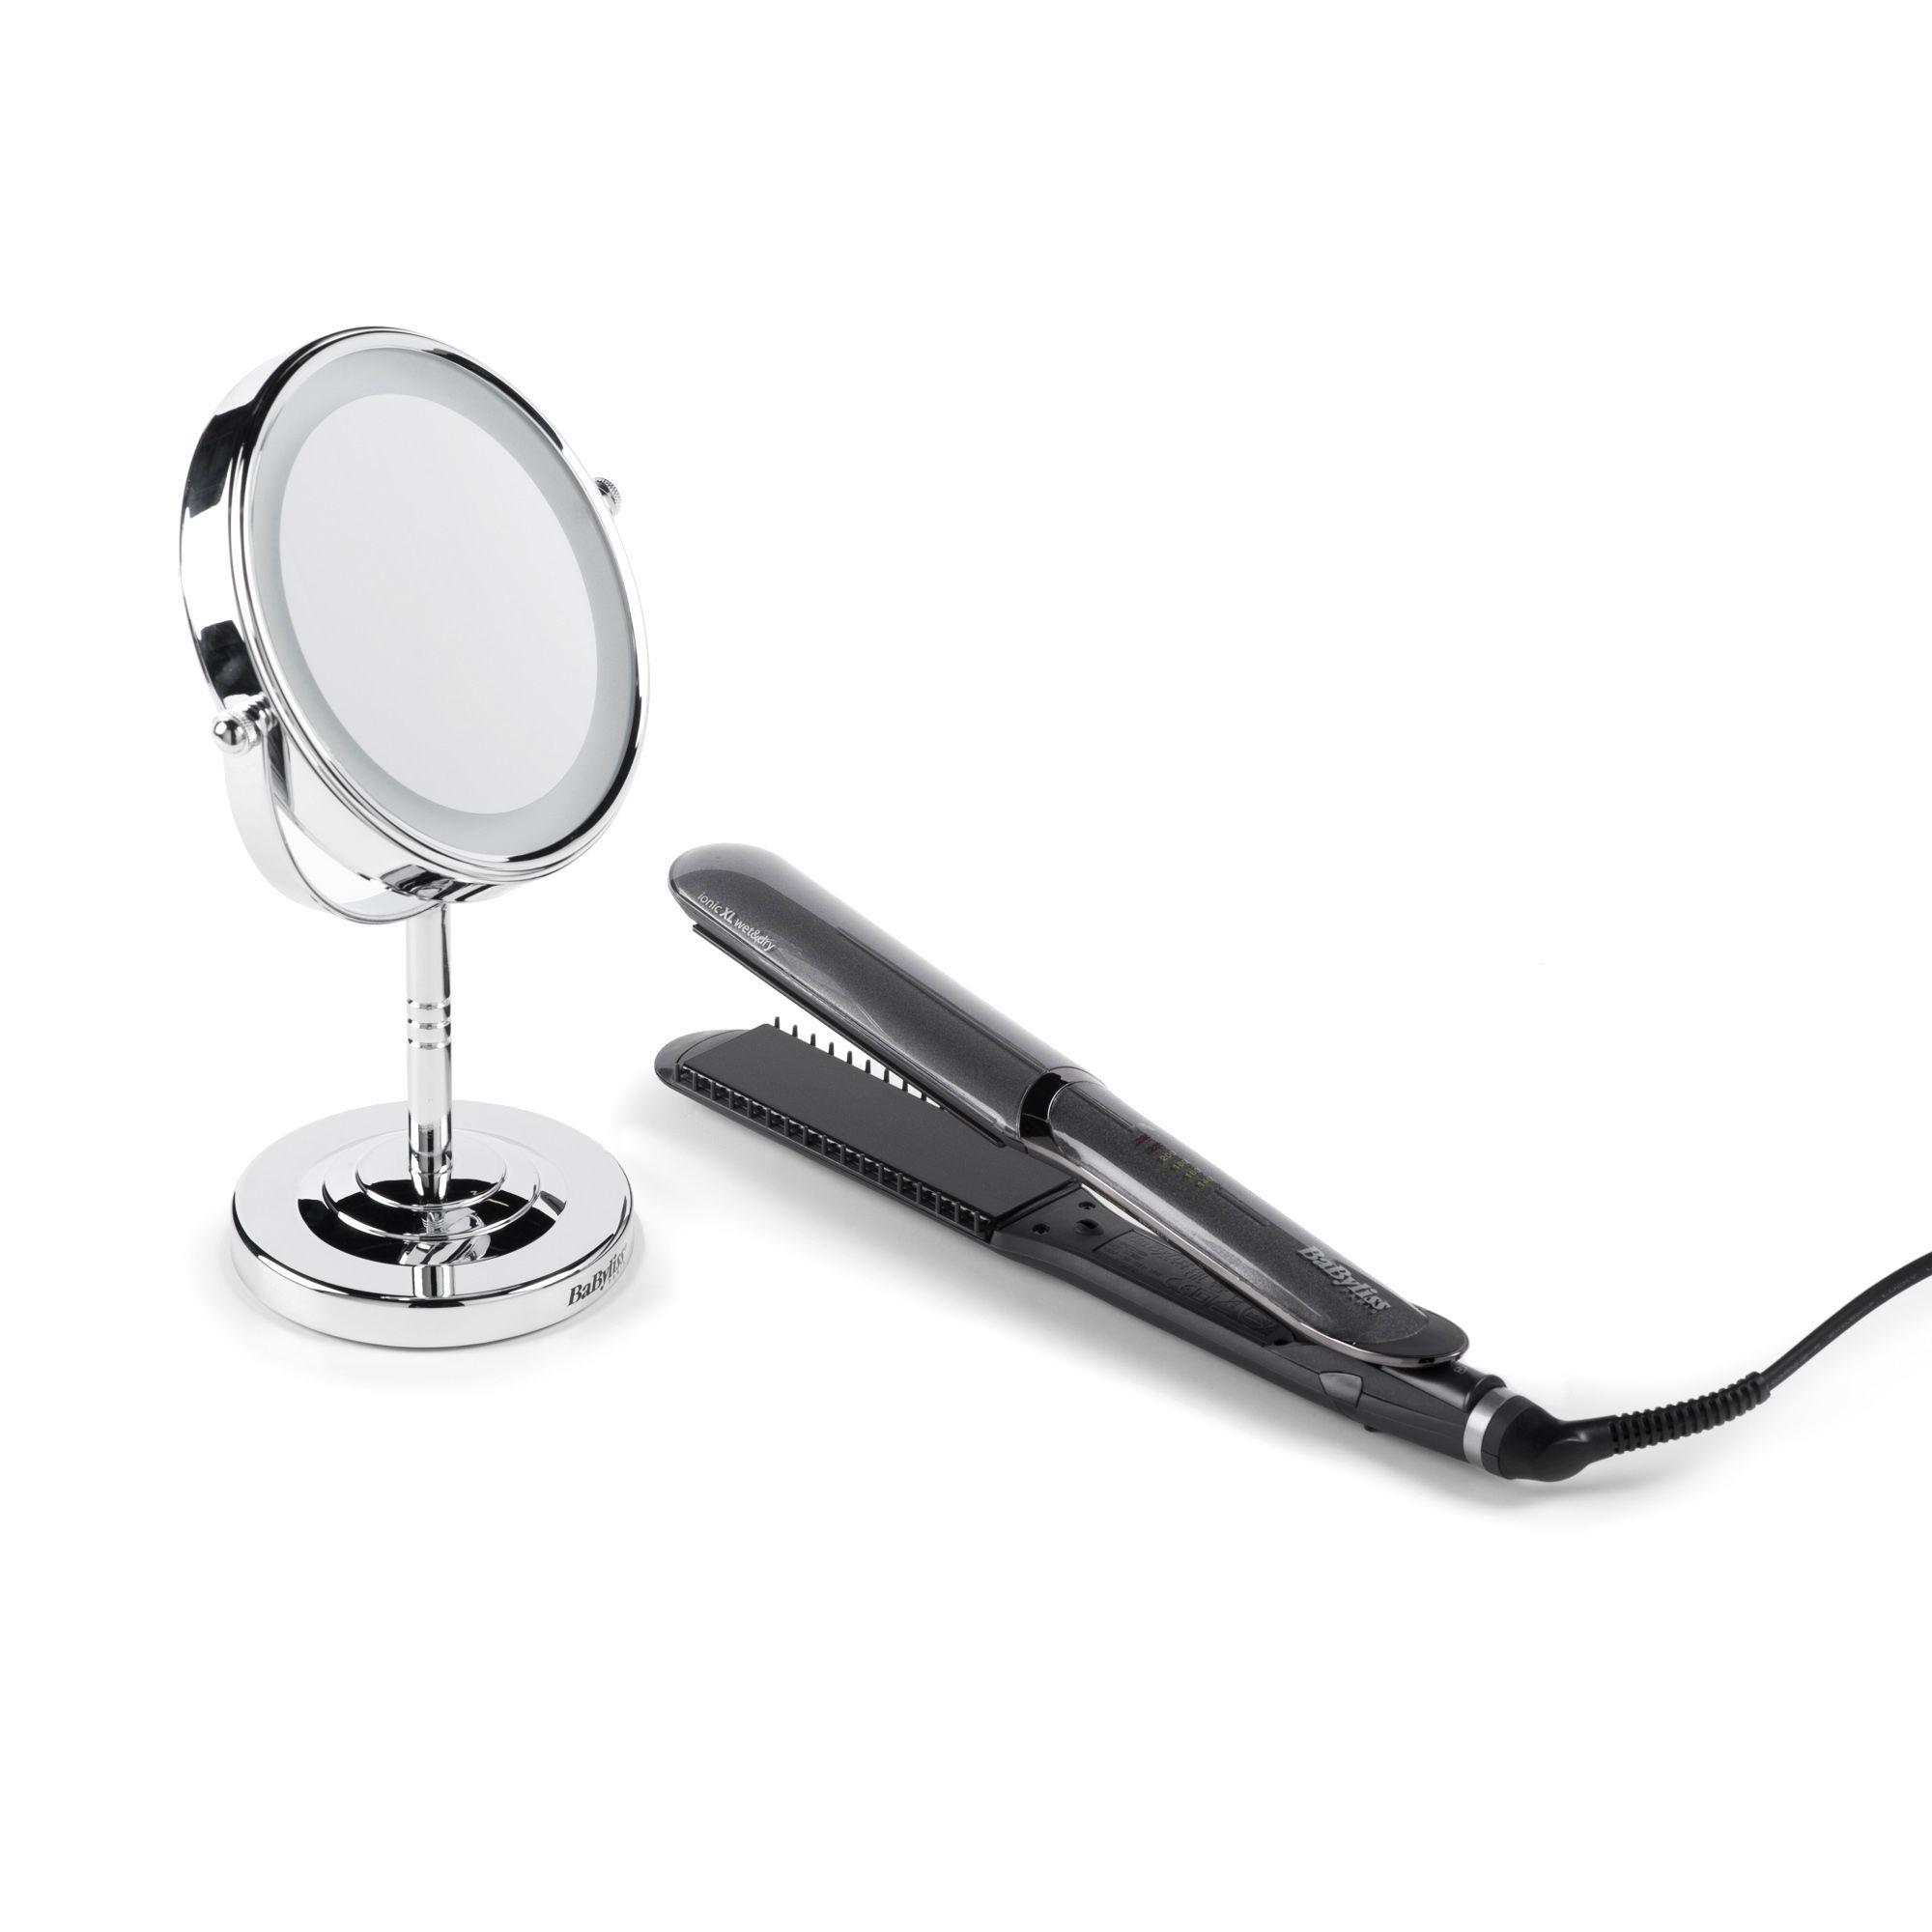 Babyliss hair beauty piastra lisciante diamond ceramic specchio qvc italia - Specchio diamond riflessi prezzo ...